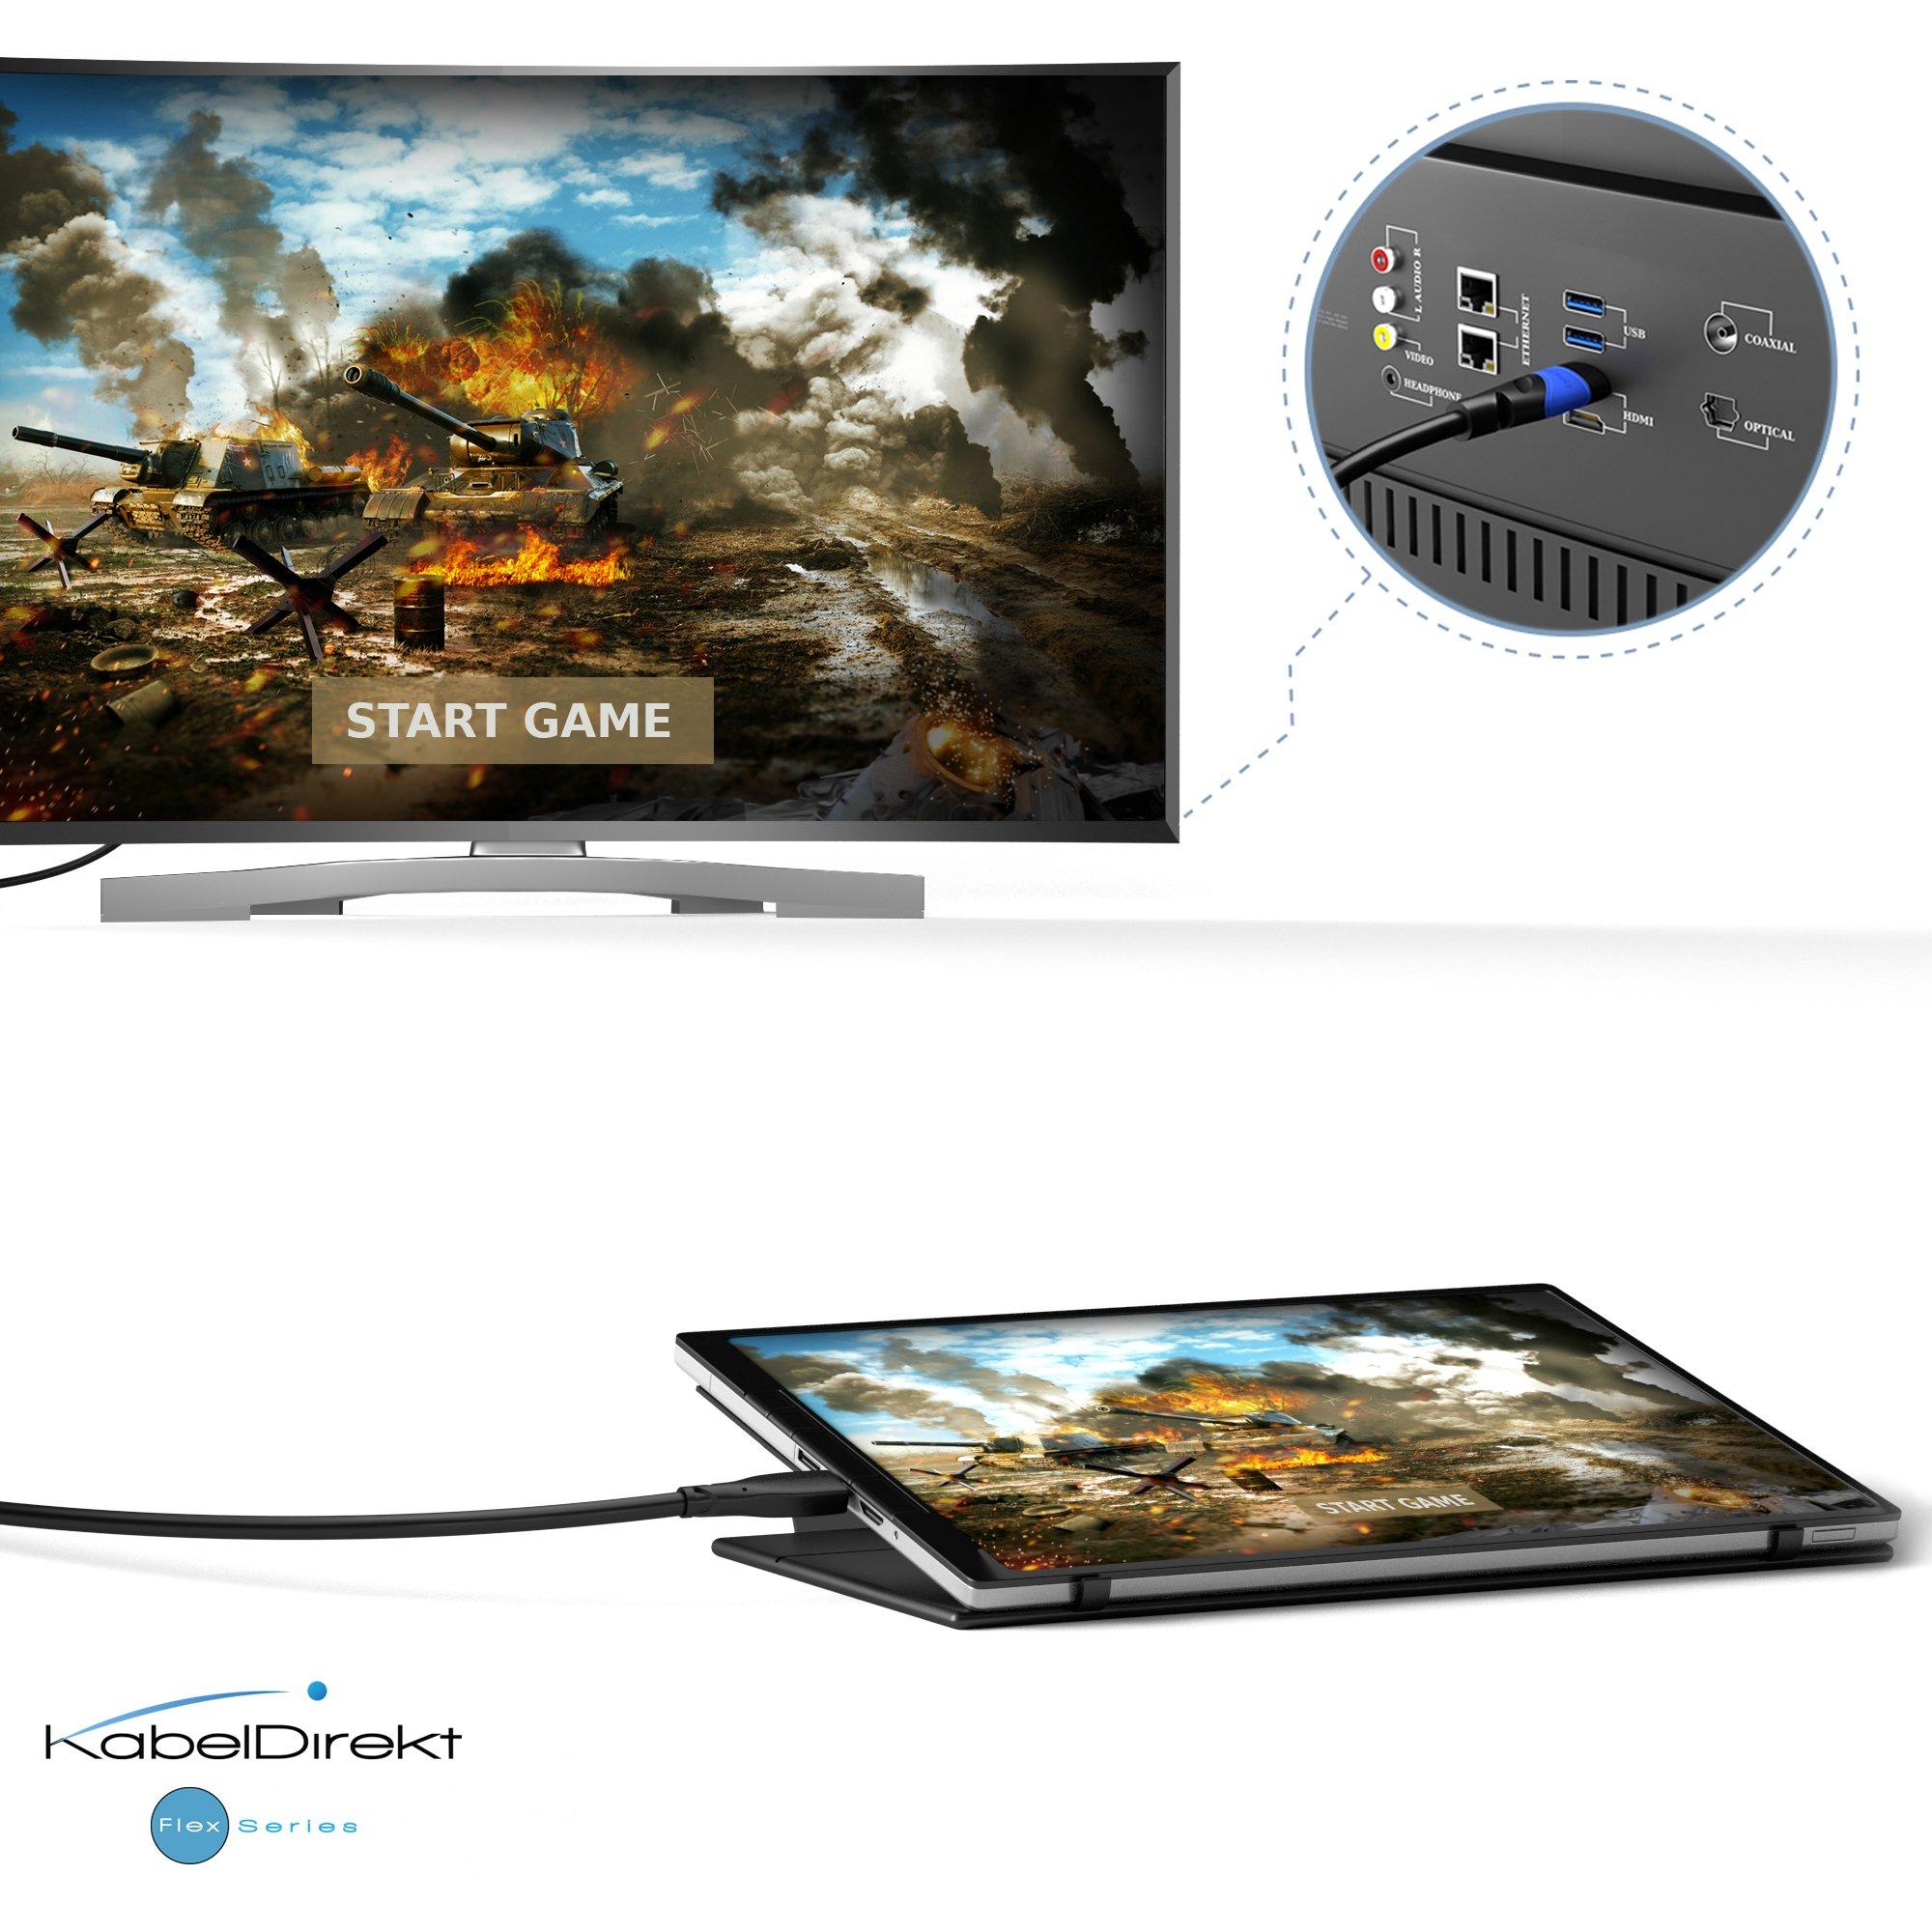 kompatibel mit 4K HDMI Kabel KabelDirekt - Flex Series 0,5m HDMI 2.0a//b 2.0, 1.4a, 4K Ultra HD, 3D, Full HD, 1080p, HDR, ARC, Highspeed mit Ethernet, PS4, Xbox, HDTV